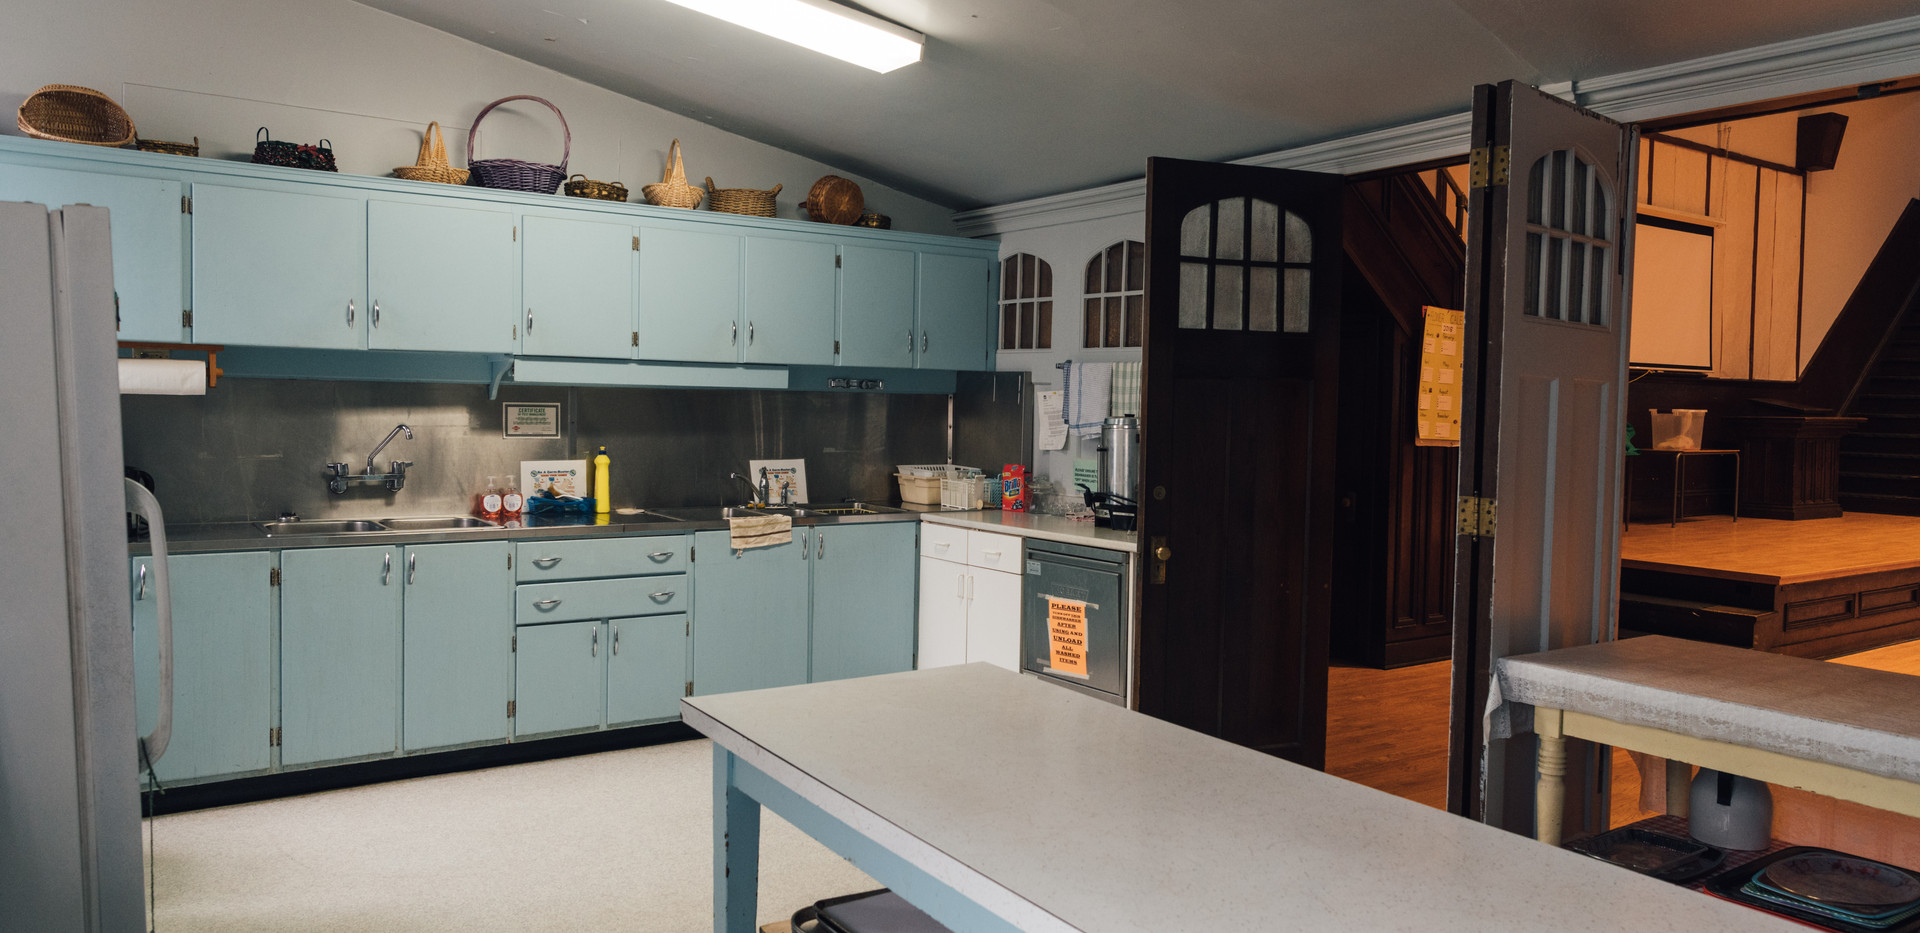 main kitchen 3.jpg